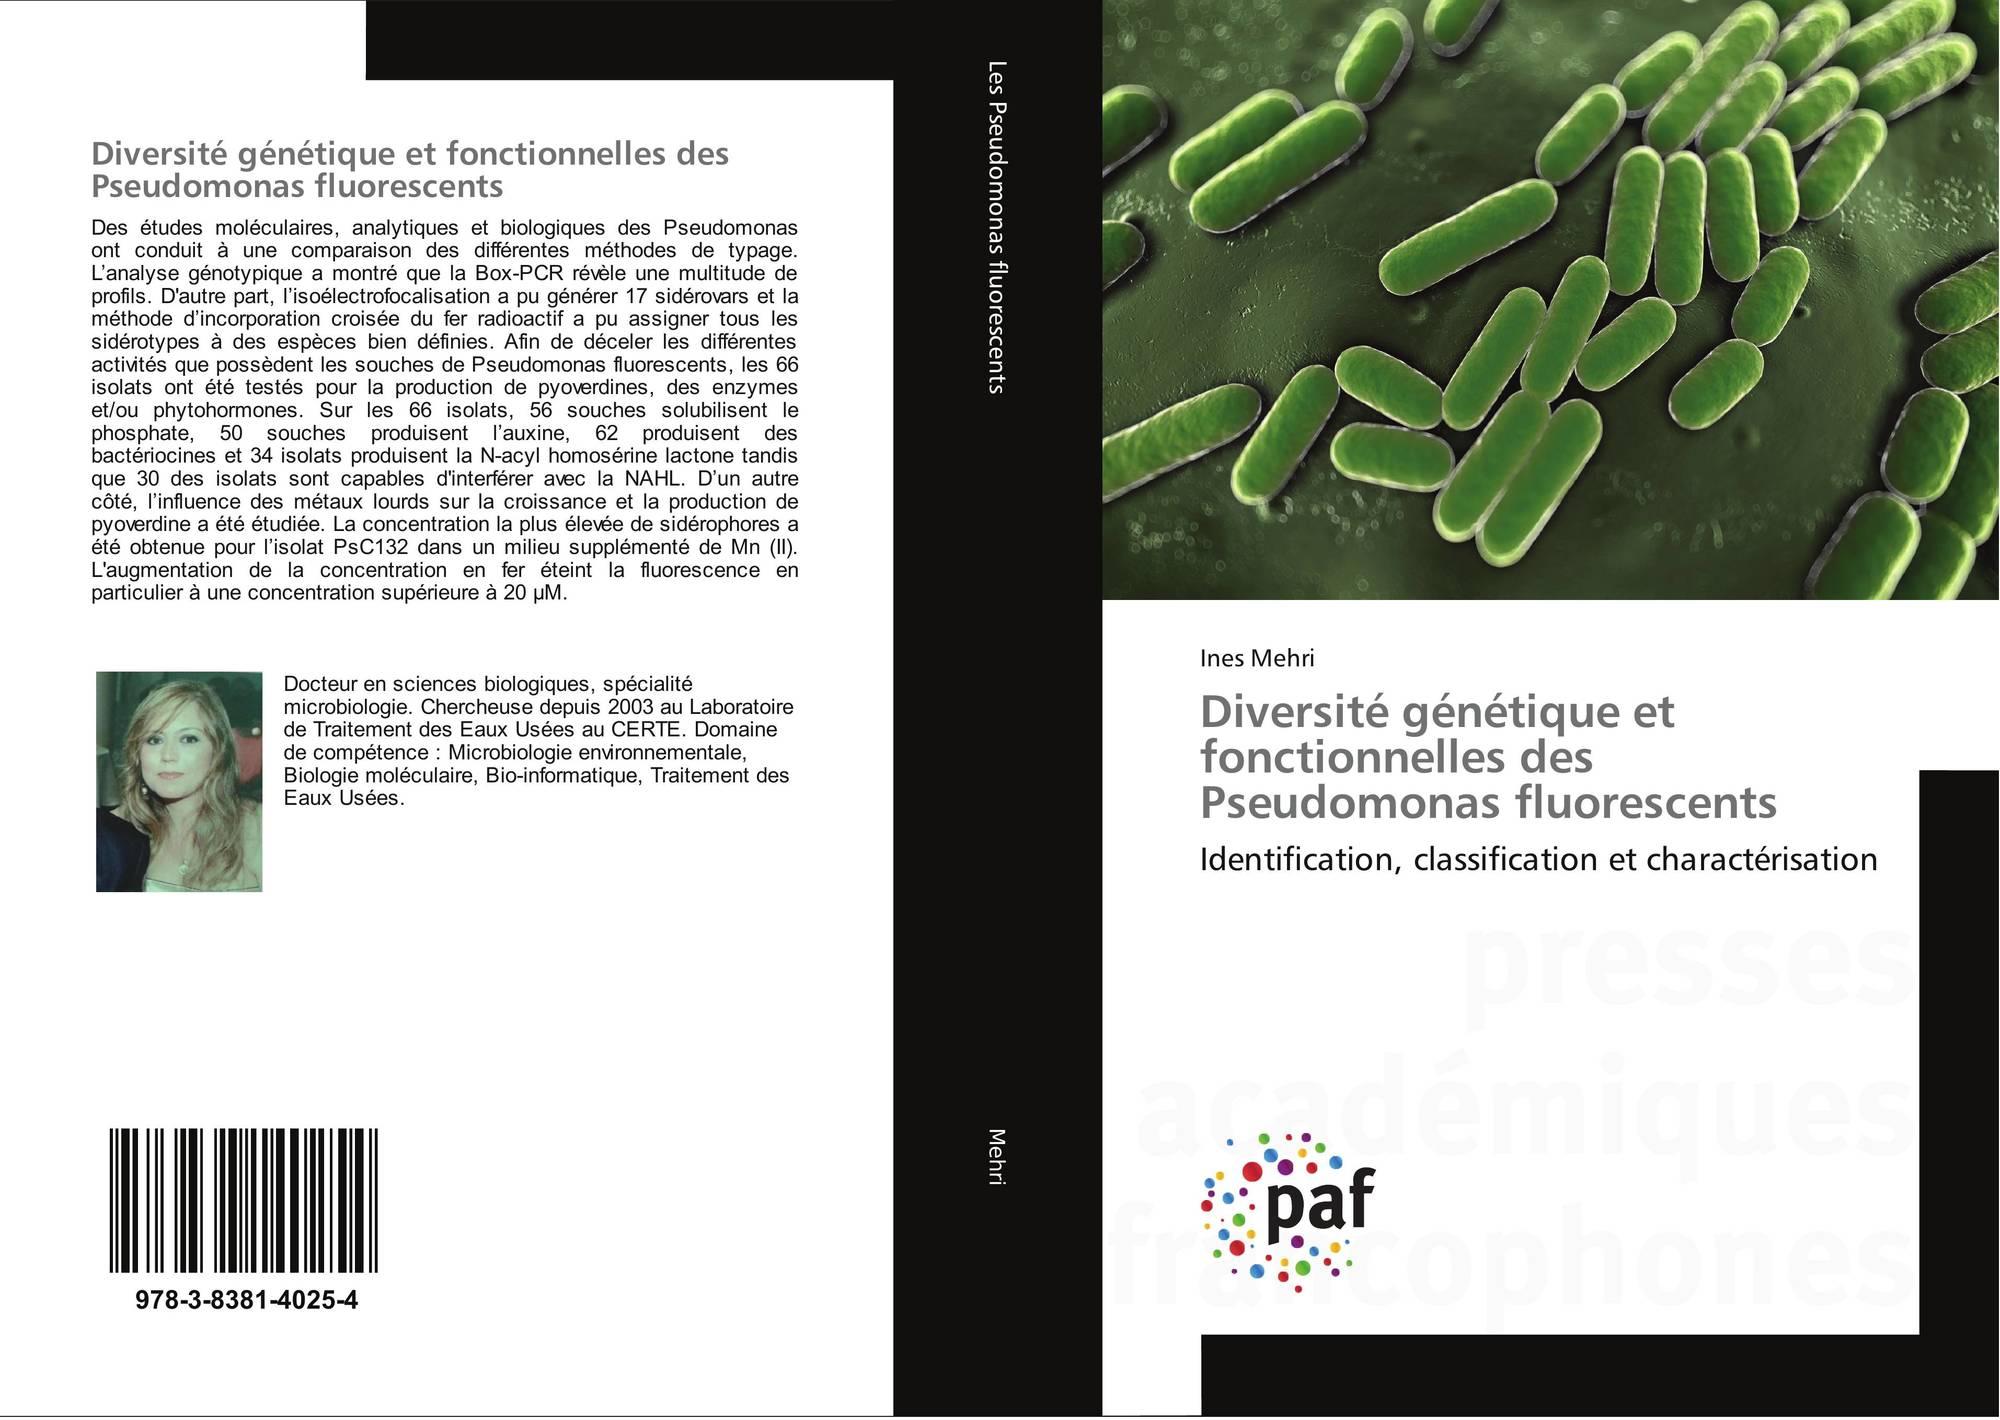 extraction of bacteriocin